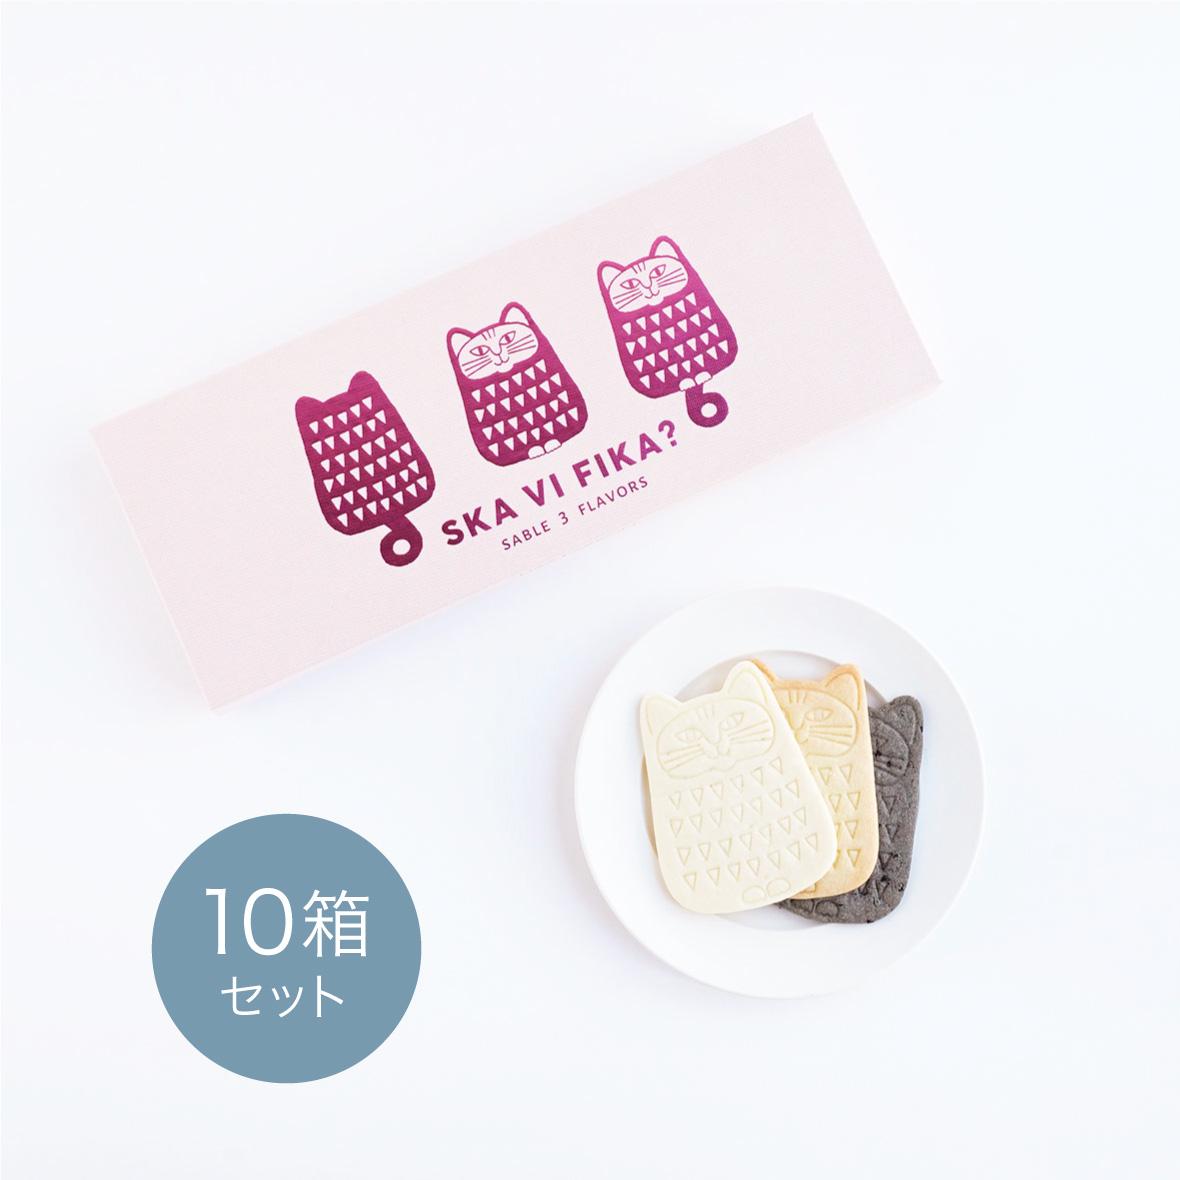 【TK】ねこサブレ~(9枚入り)(ピンク)10箱セット